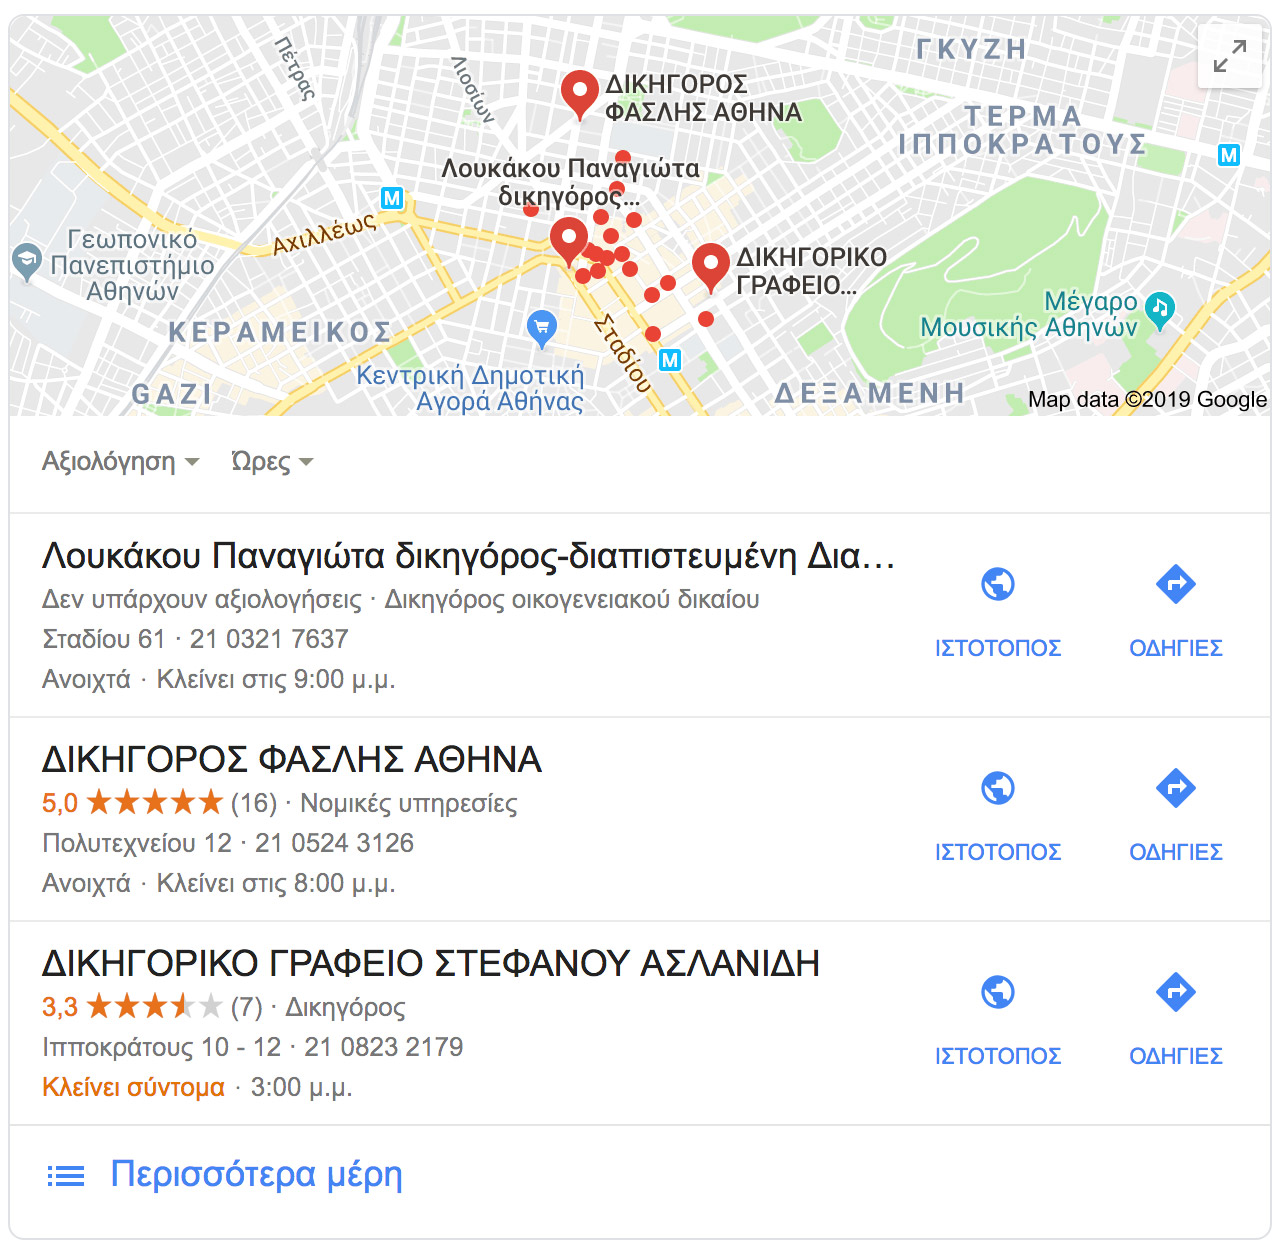 Local SEO Pack: Screenshot από Δικηγόρους στην Αθήνα